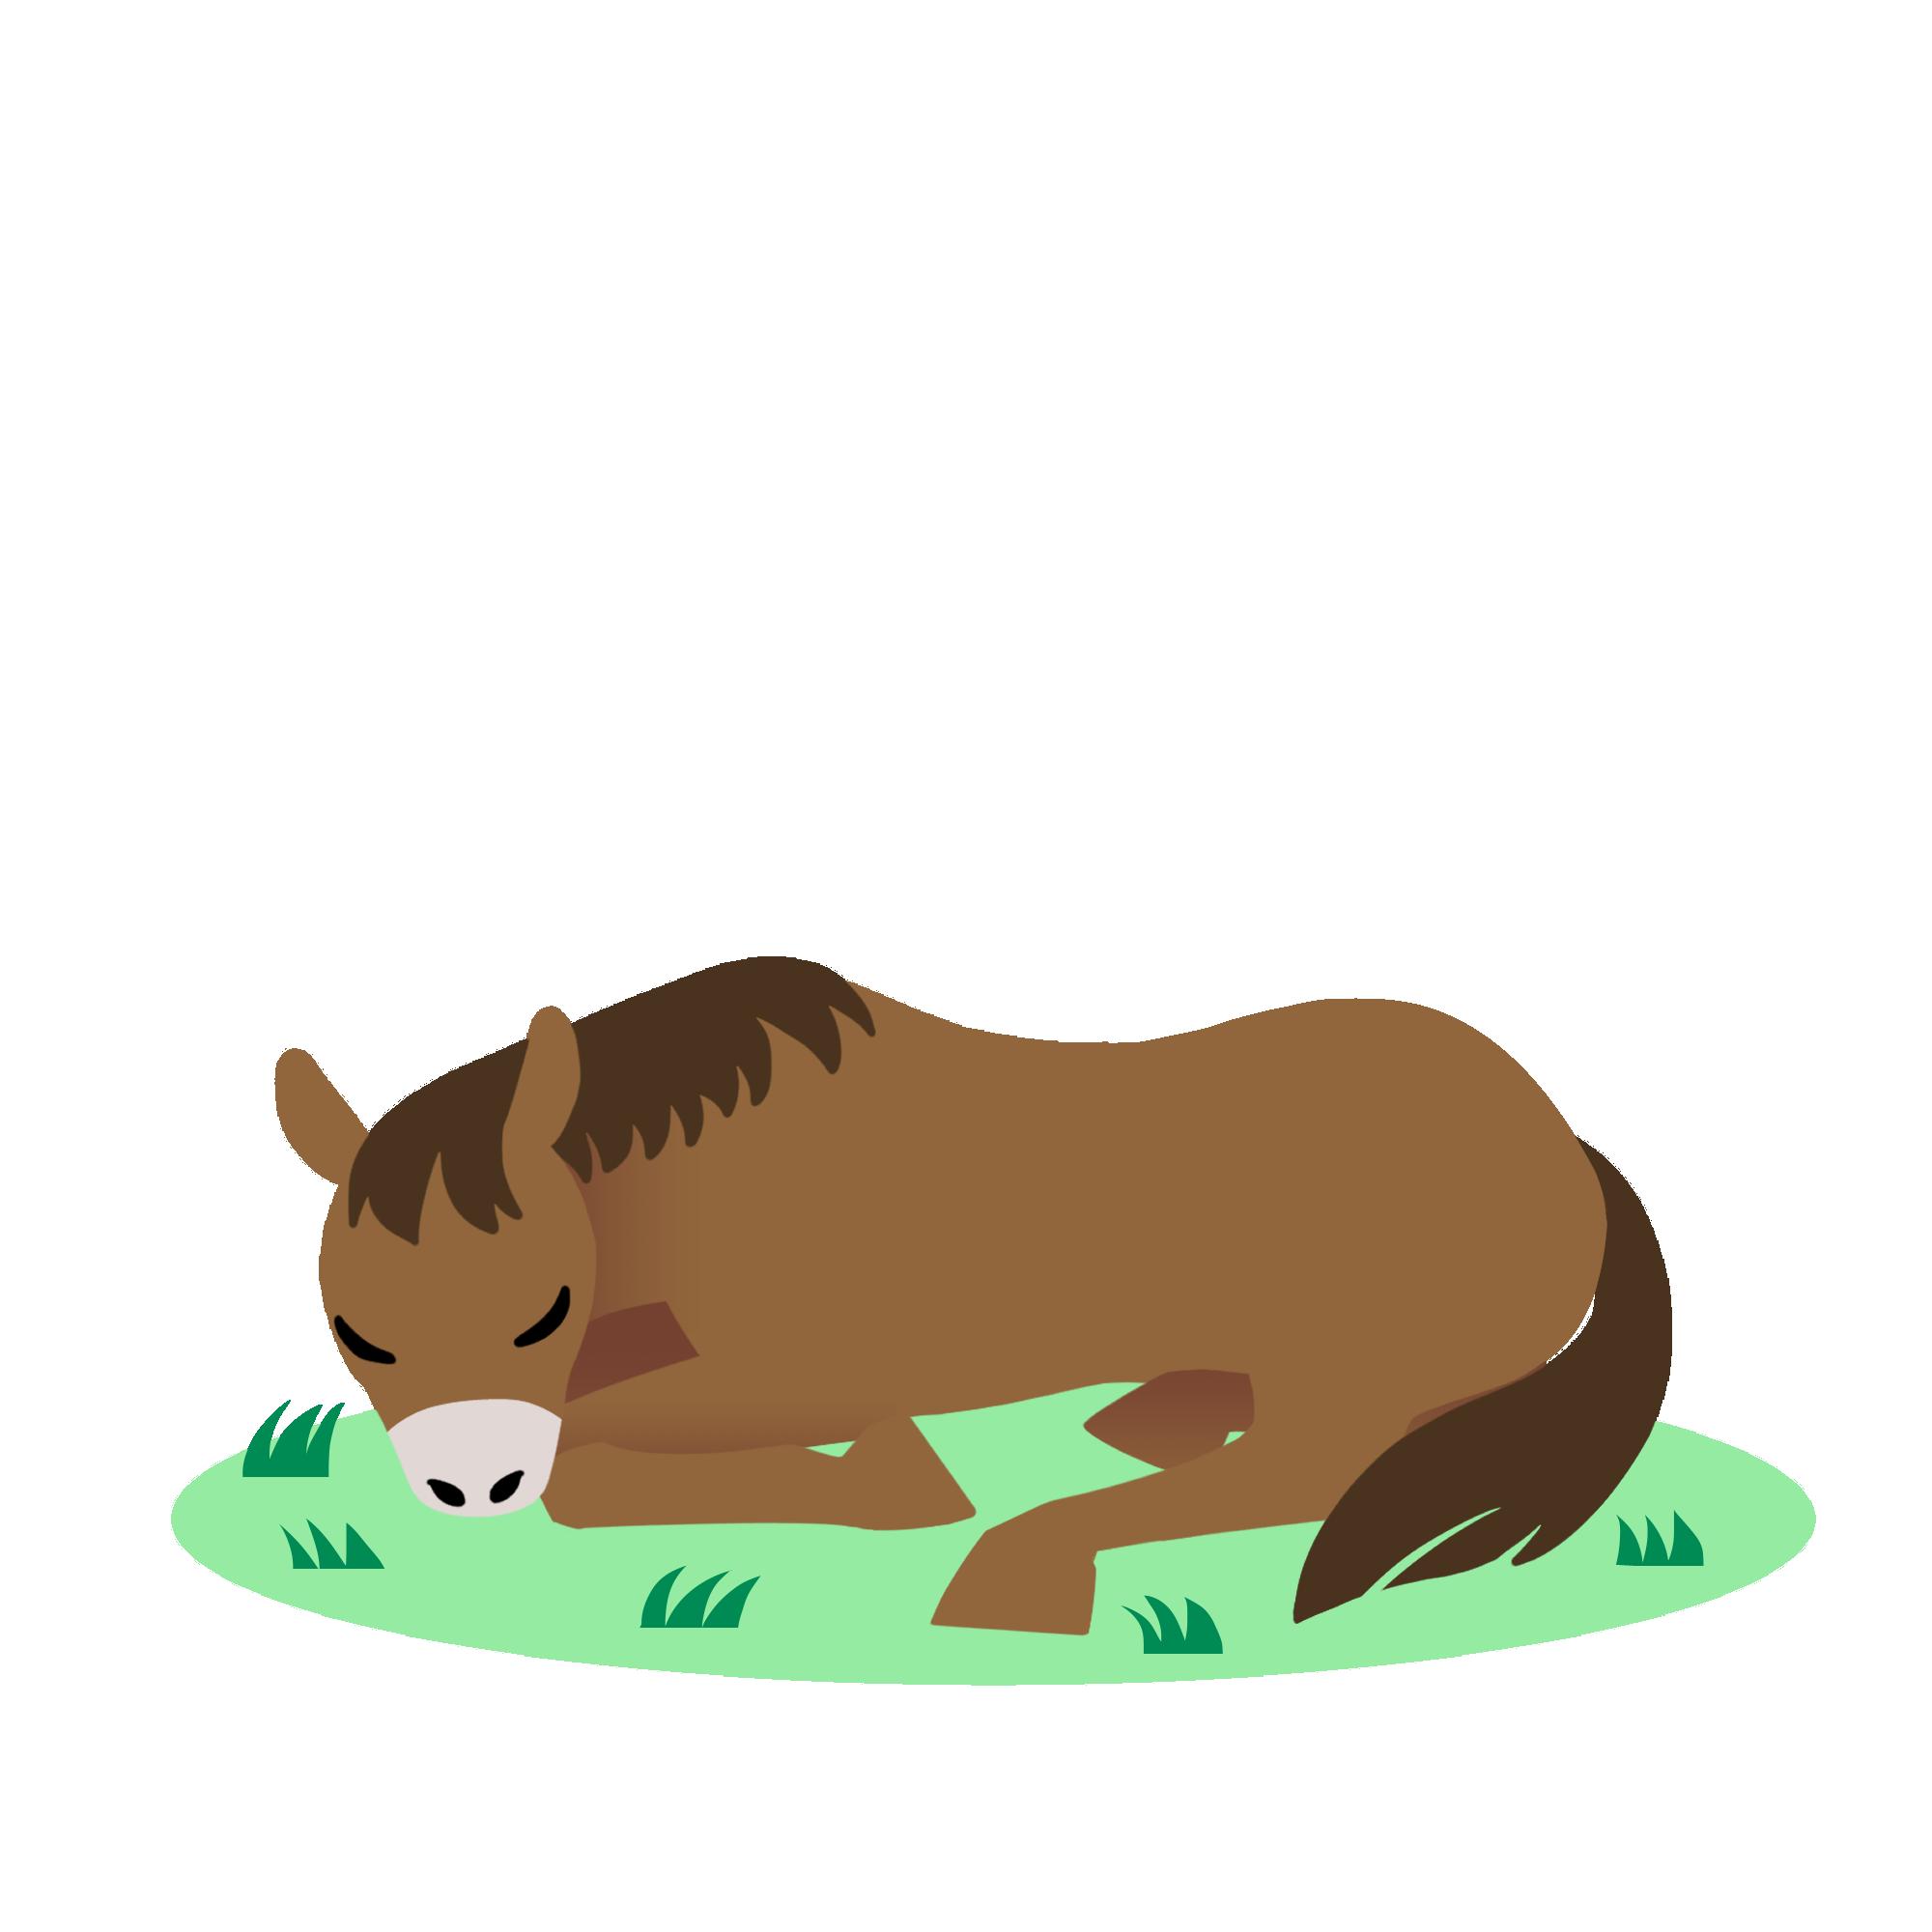 眠る栗毛の馬